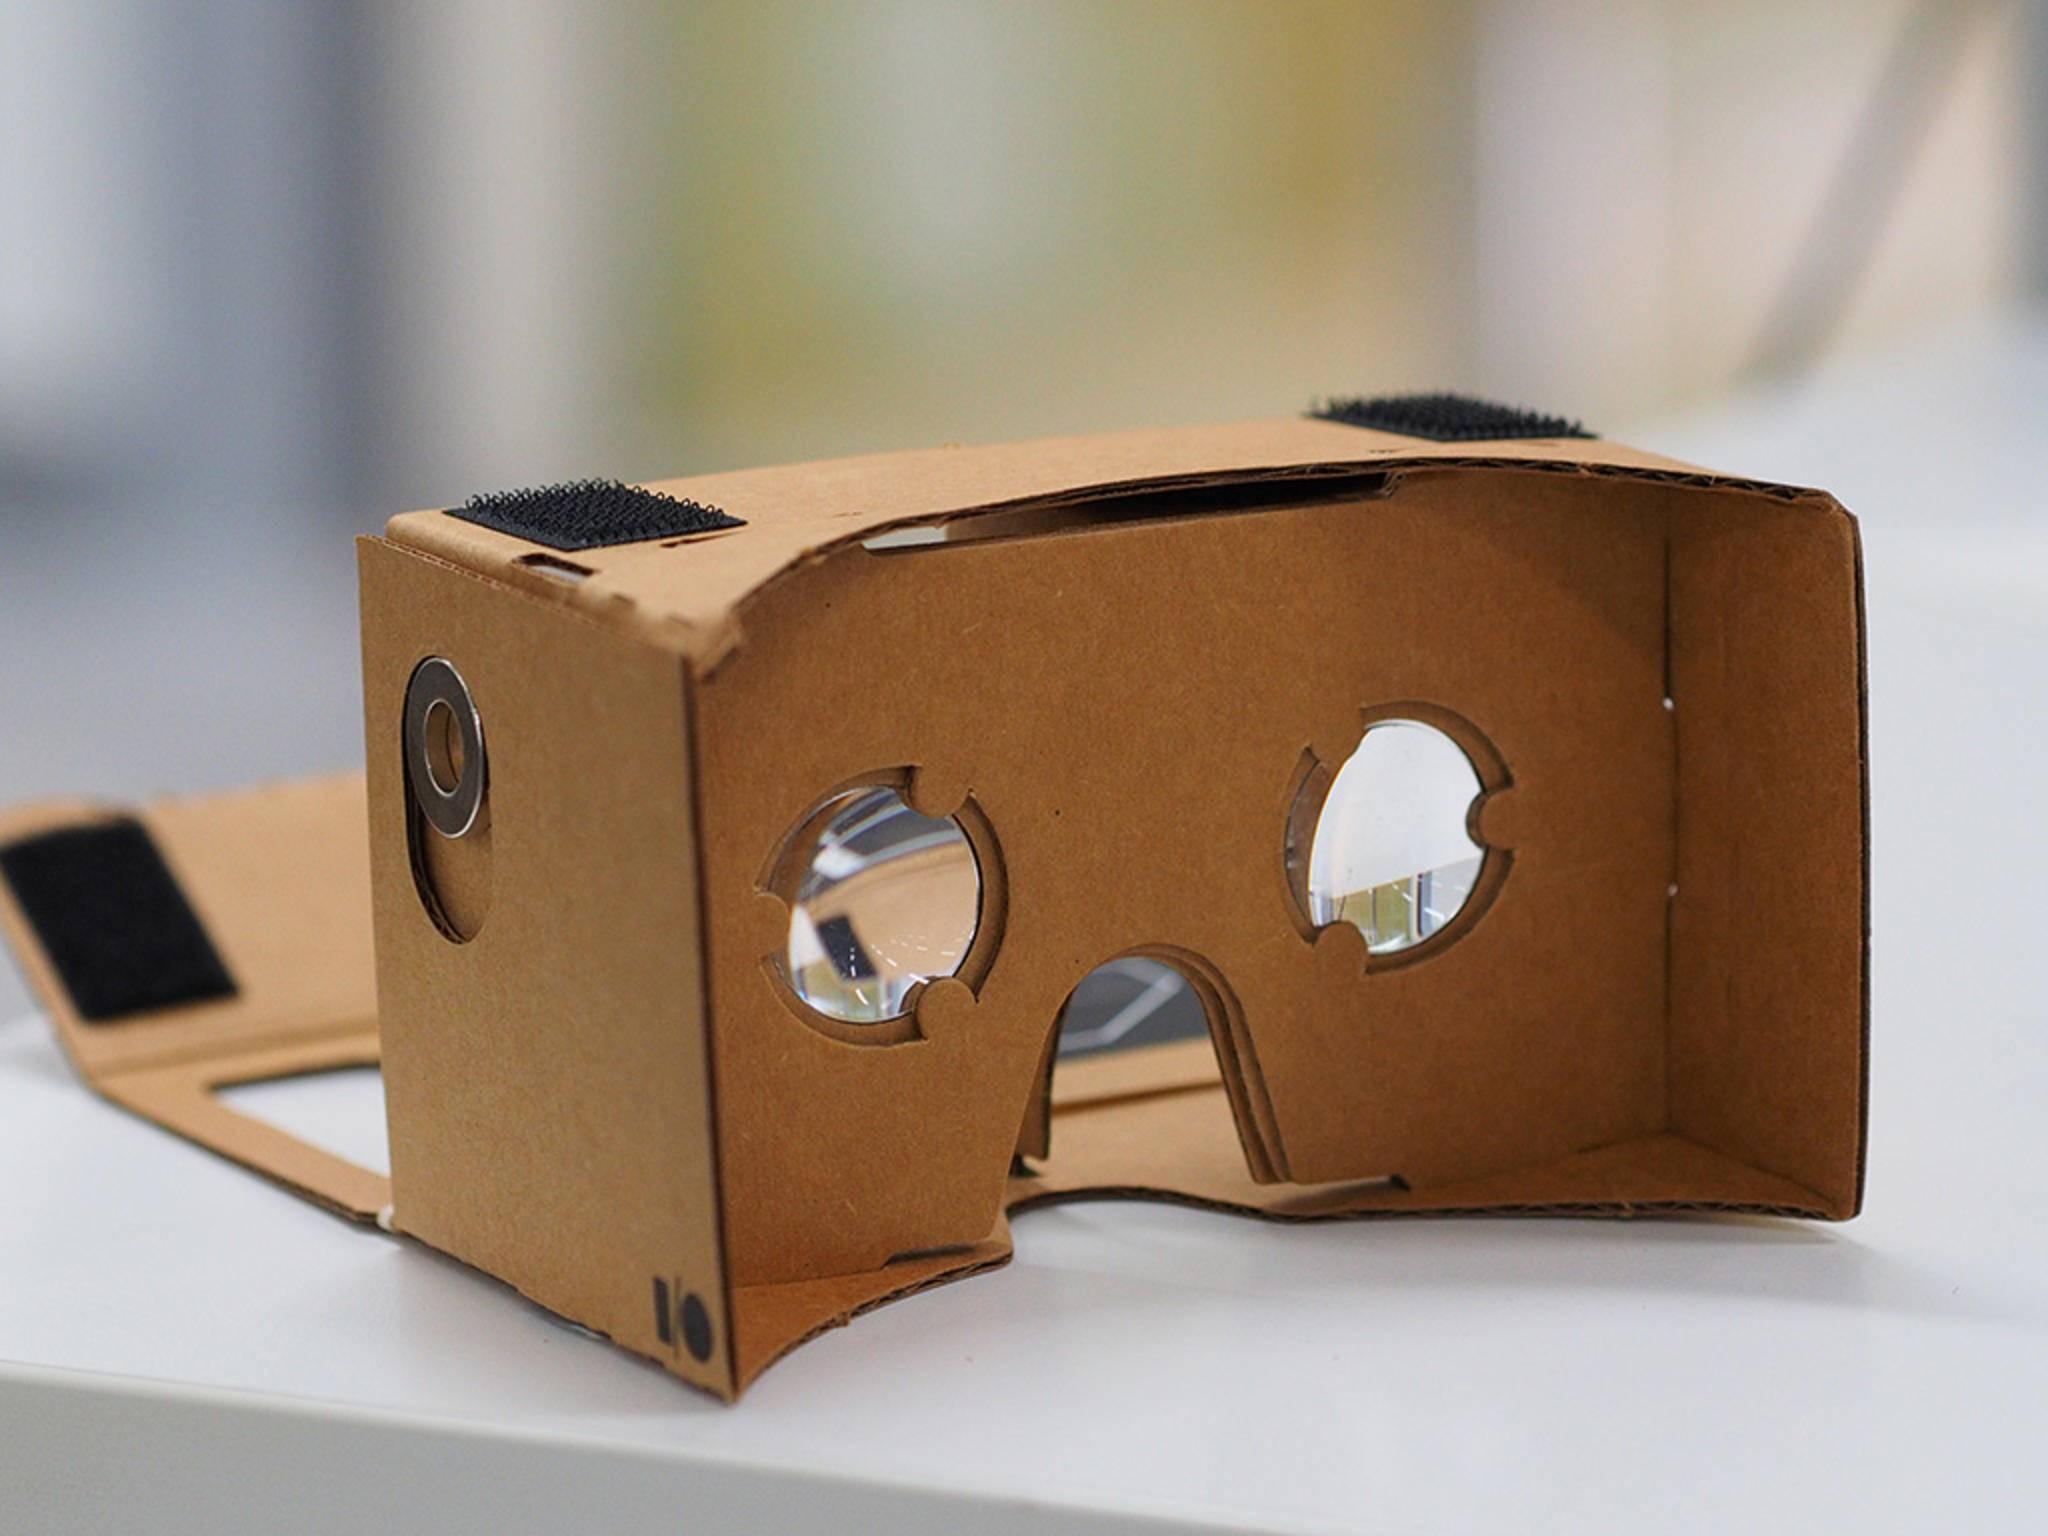 Google Cardboard: Die günstige VR-Brille war ein großer Erfolg.